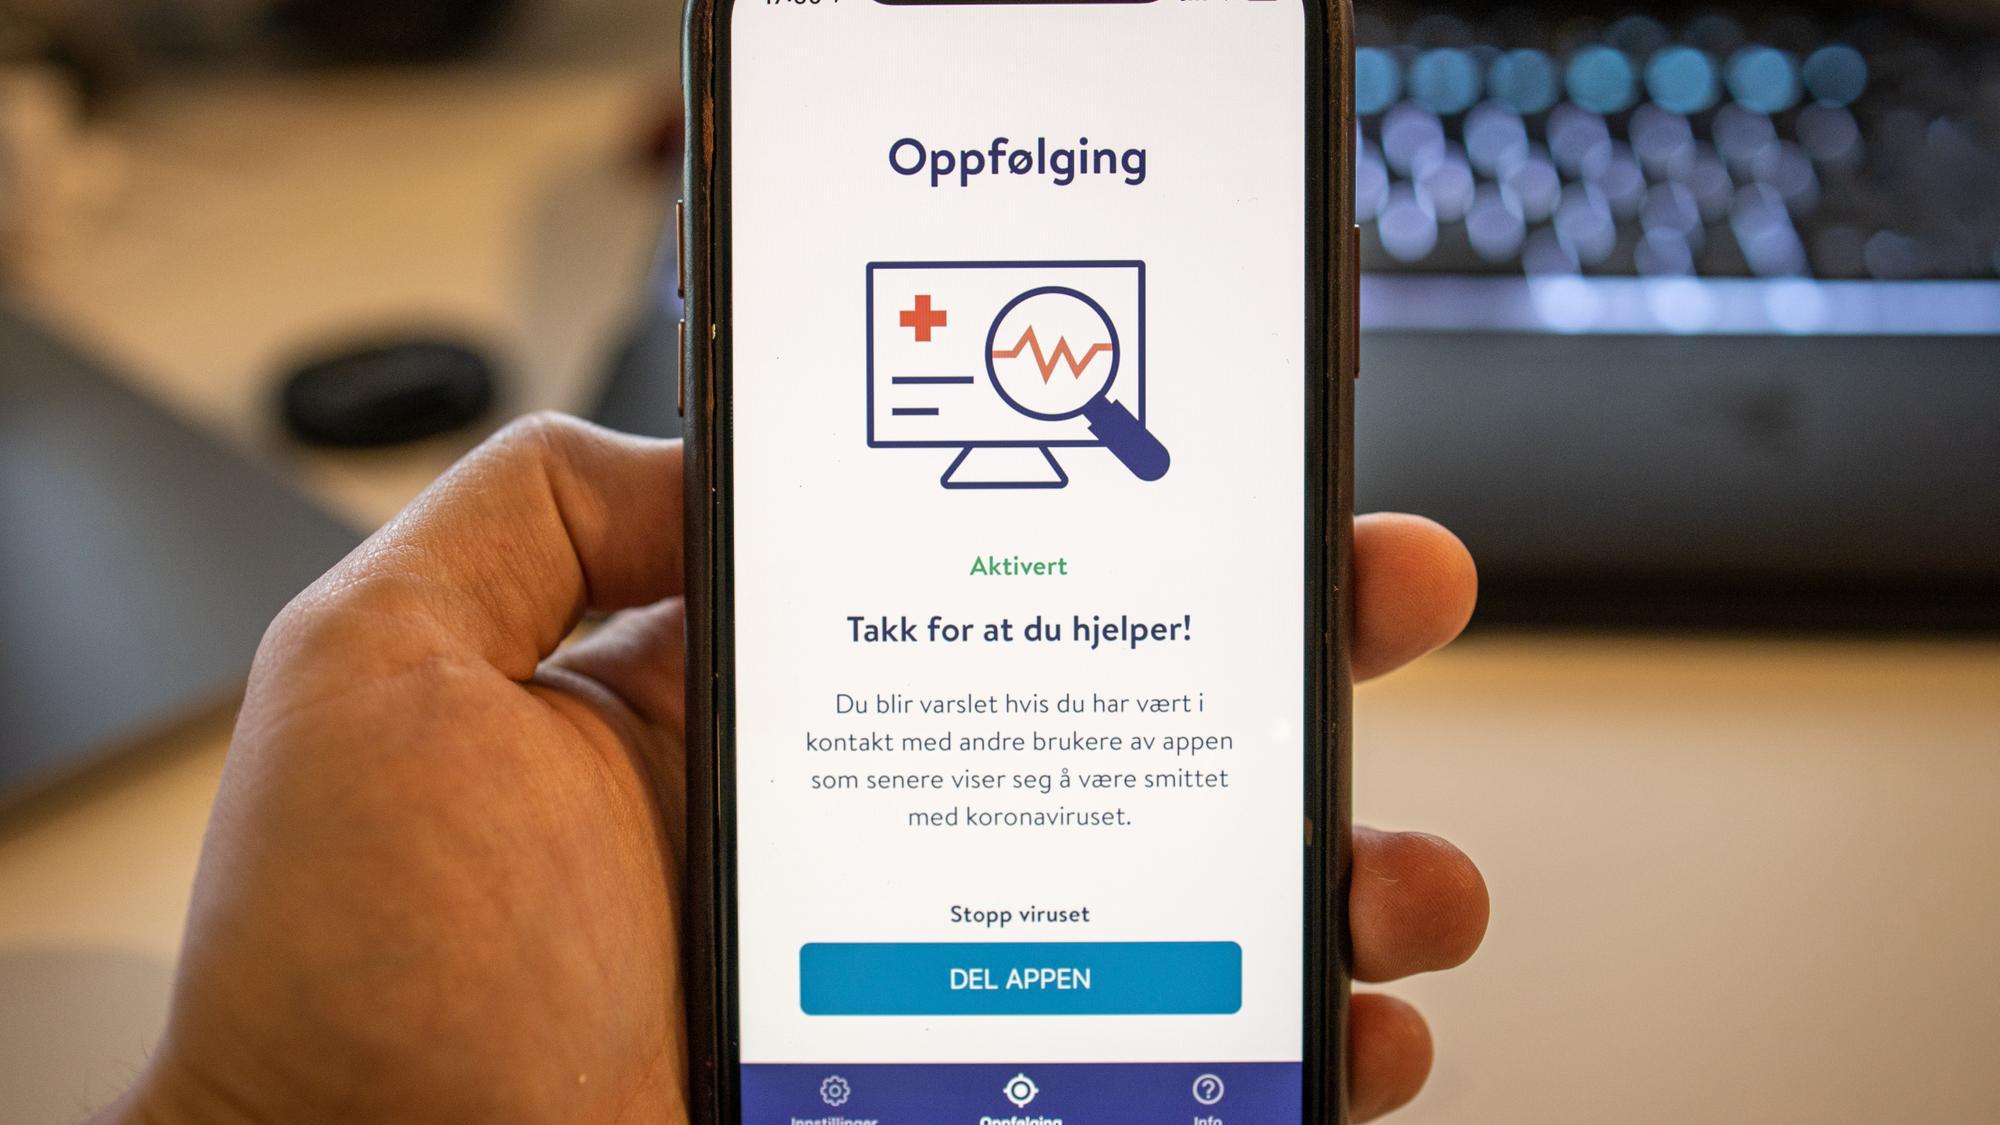 Rapport: Sikkerhet og personvern ikke godt nok ivaretatt i Smittestopp-appen